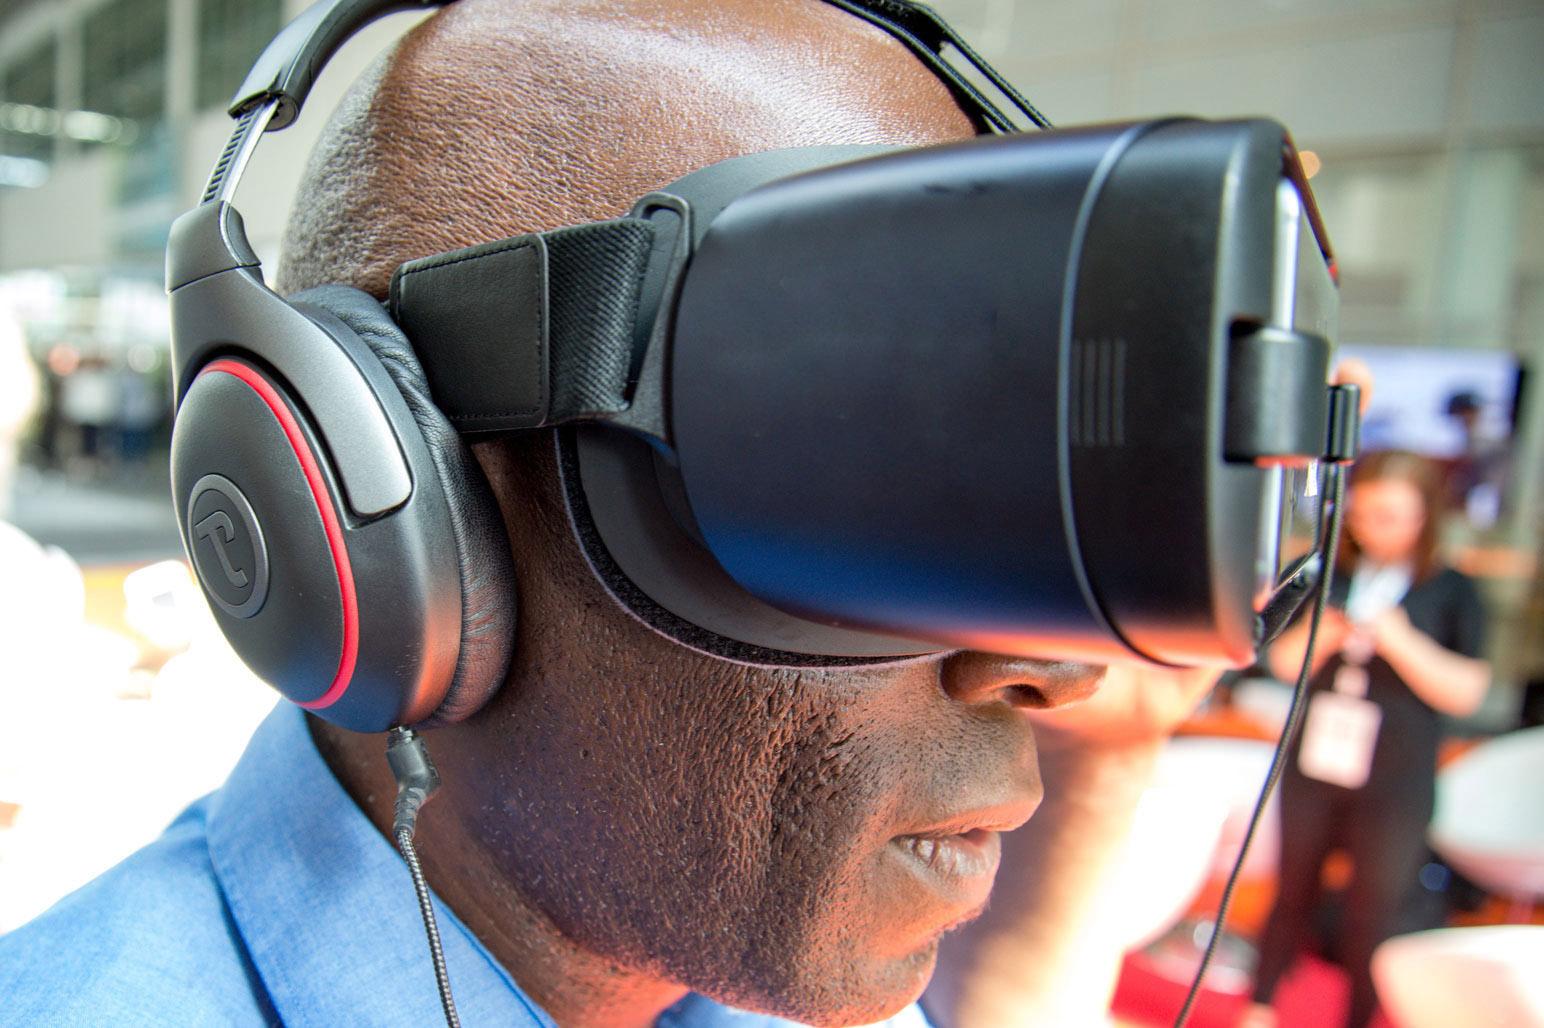 Mann mit einer GearVR von Oculus auf dem kopf